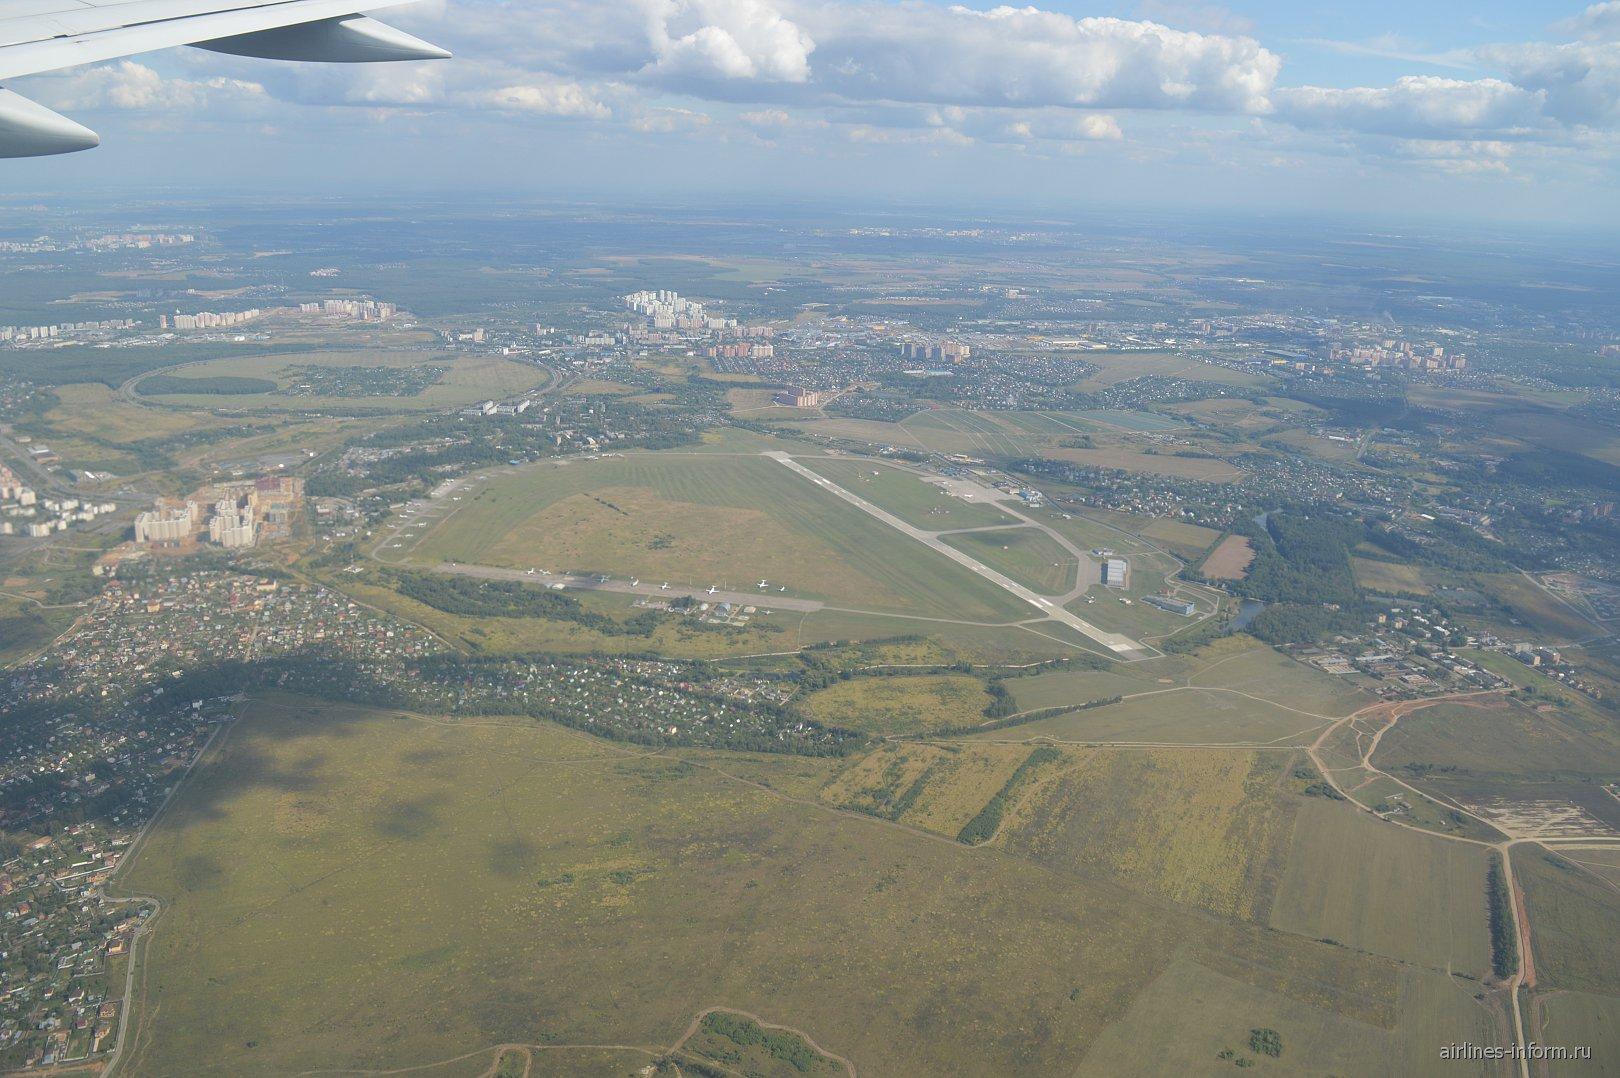 Аэродром Остафьево в Подмосковье